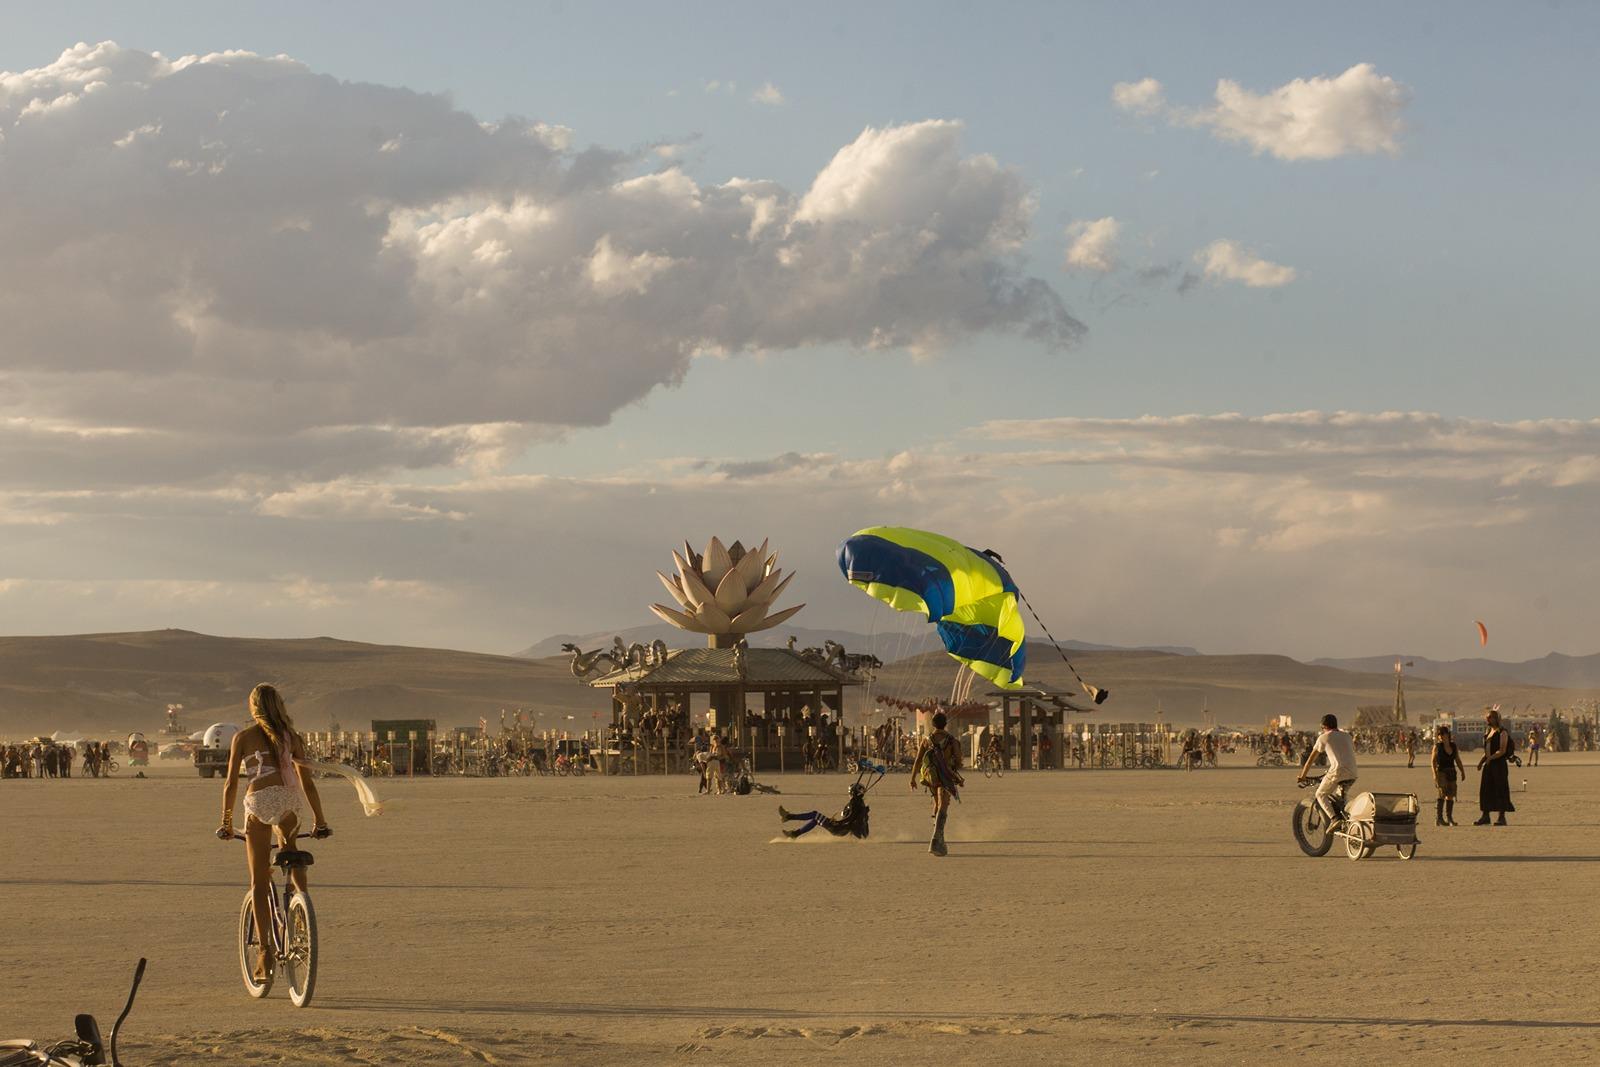 Burning Man - Skydiver landing